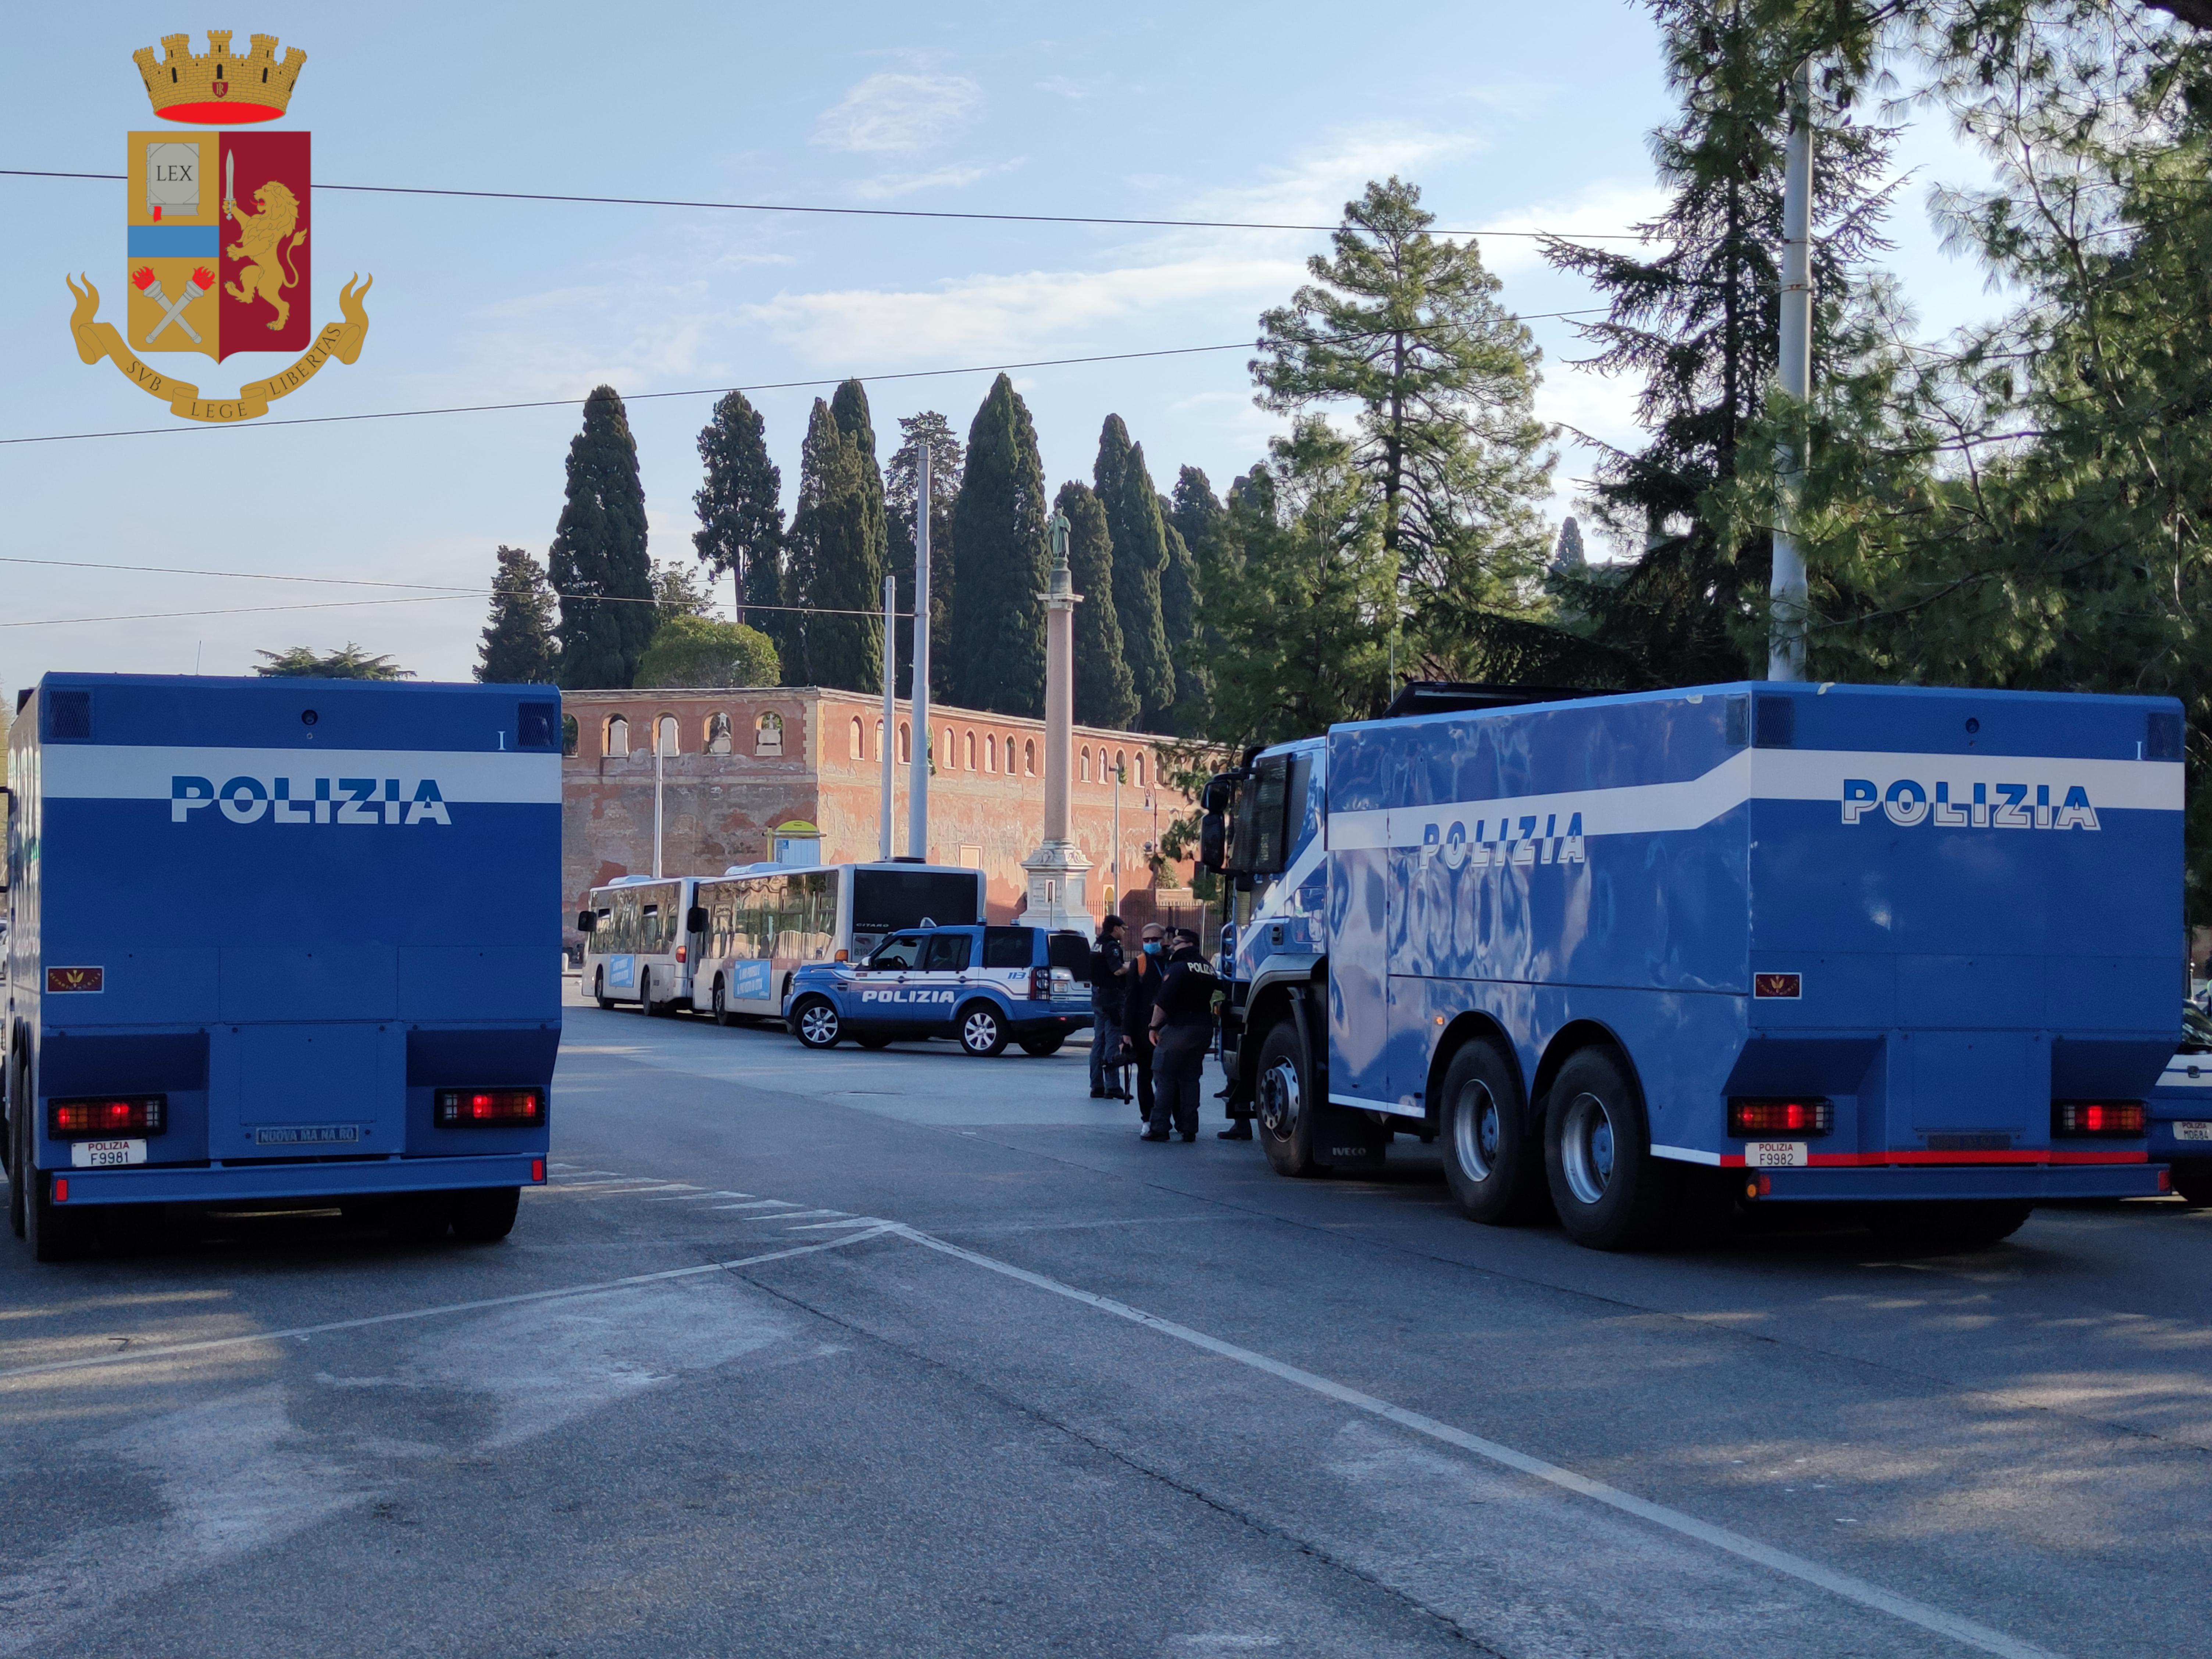 Sanificazione strade Reparto Mobile Polizia 2-2